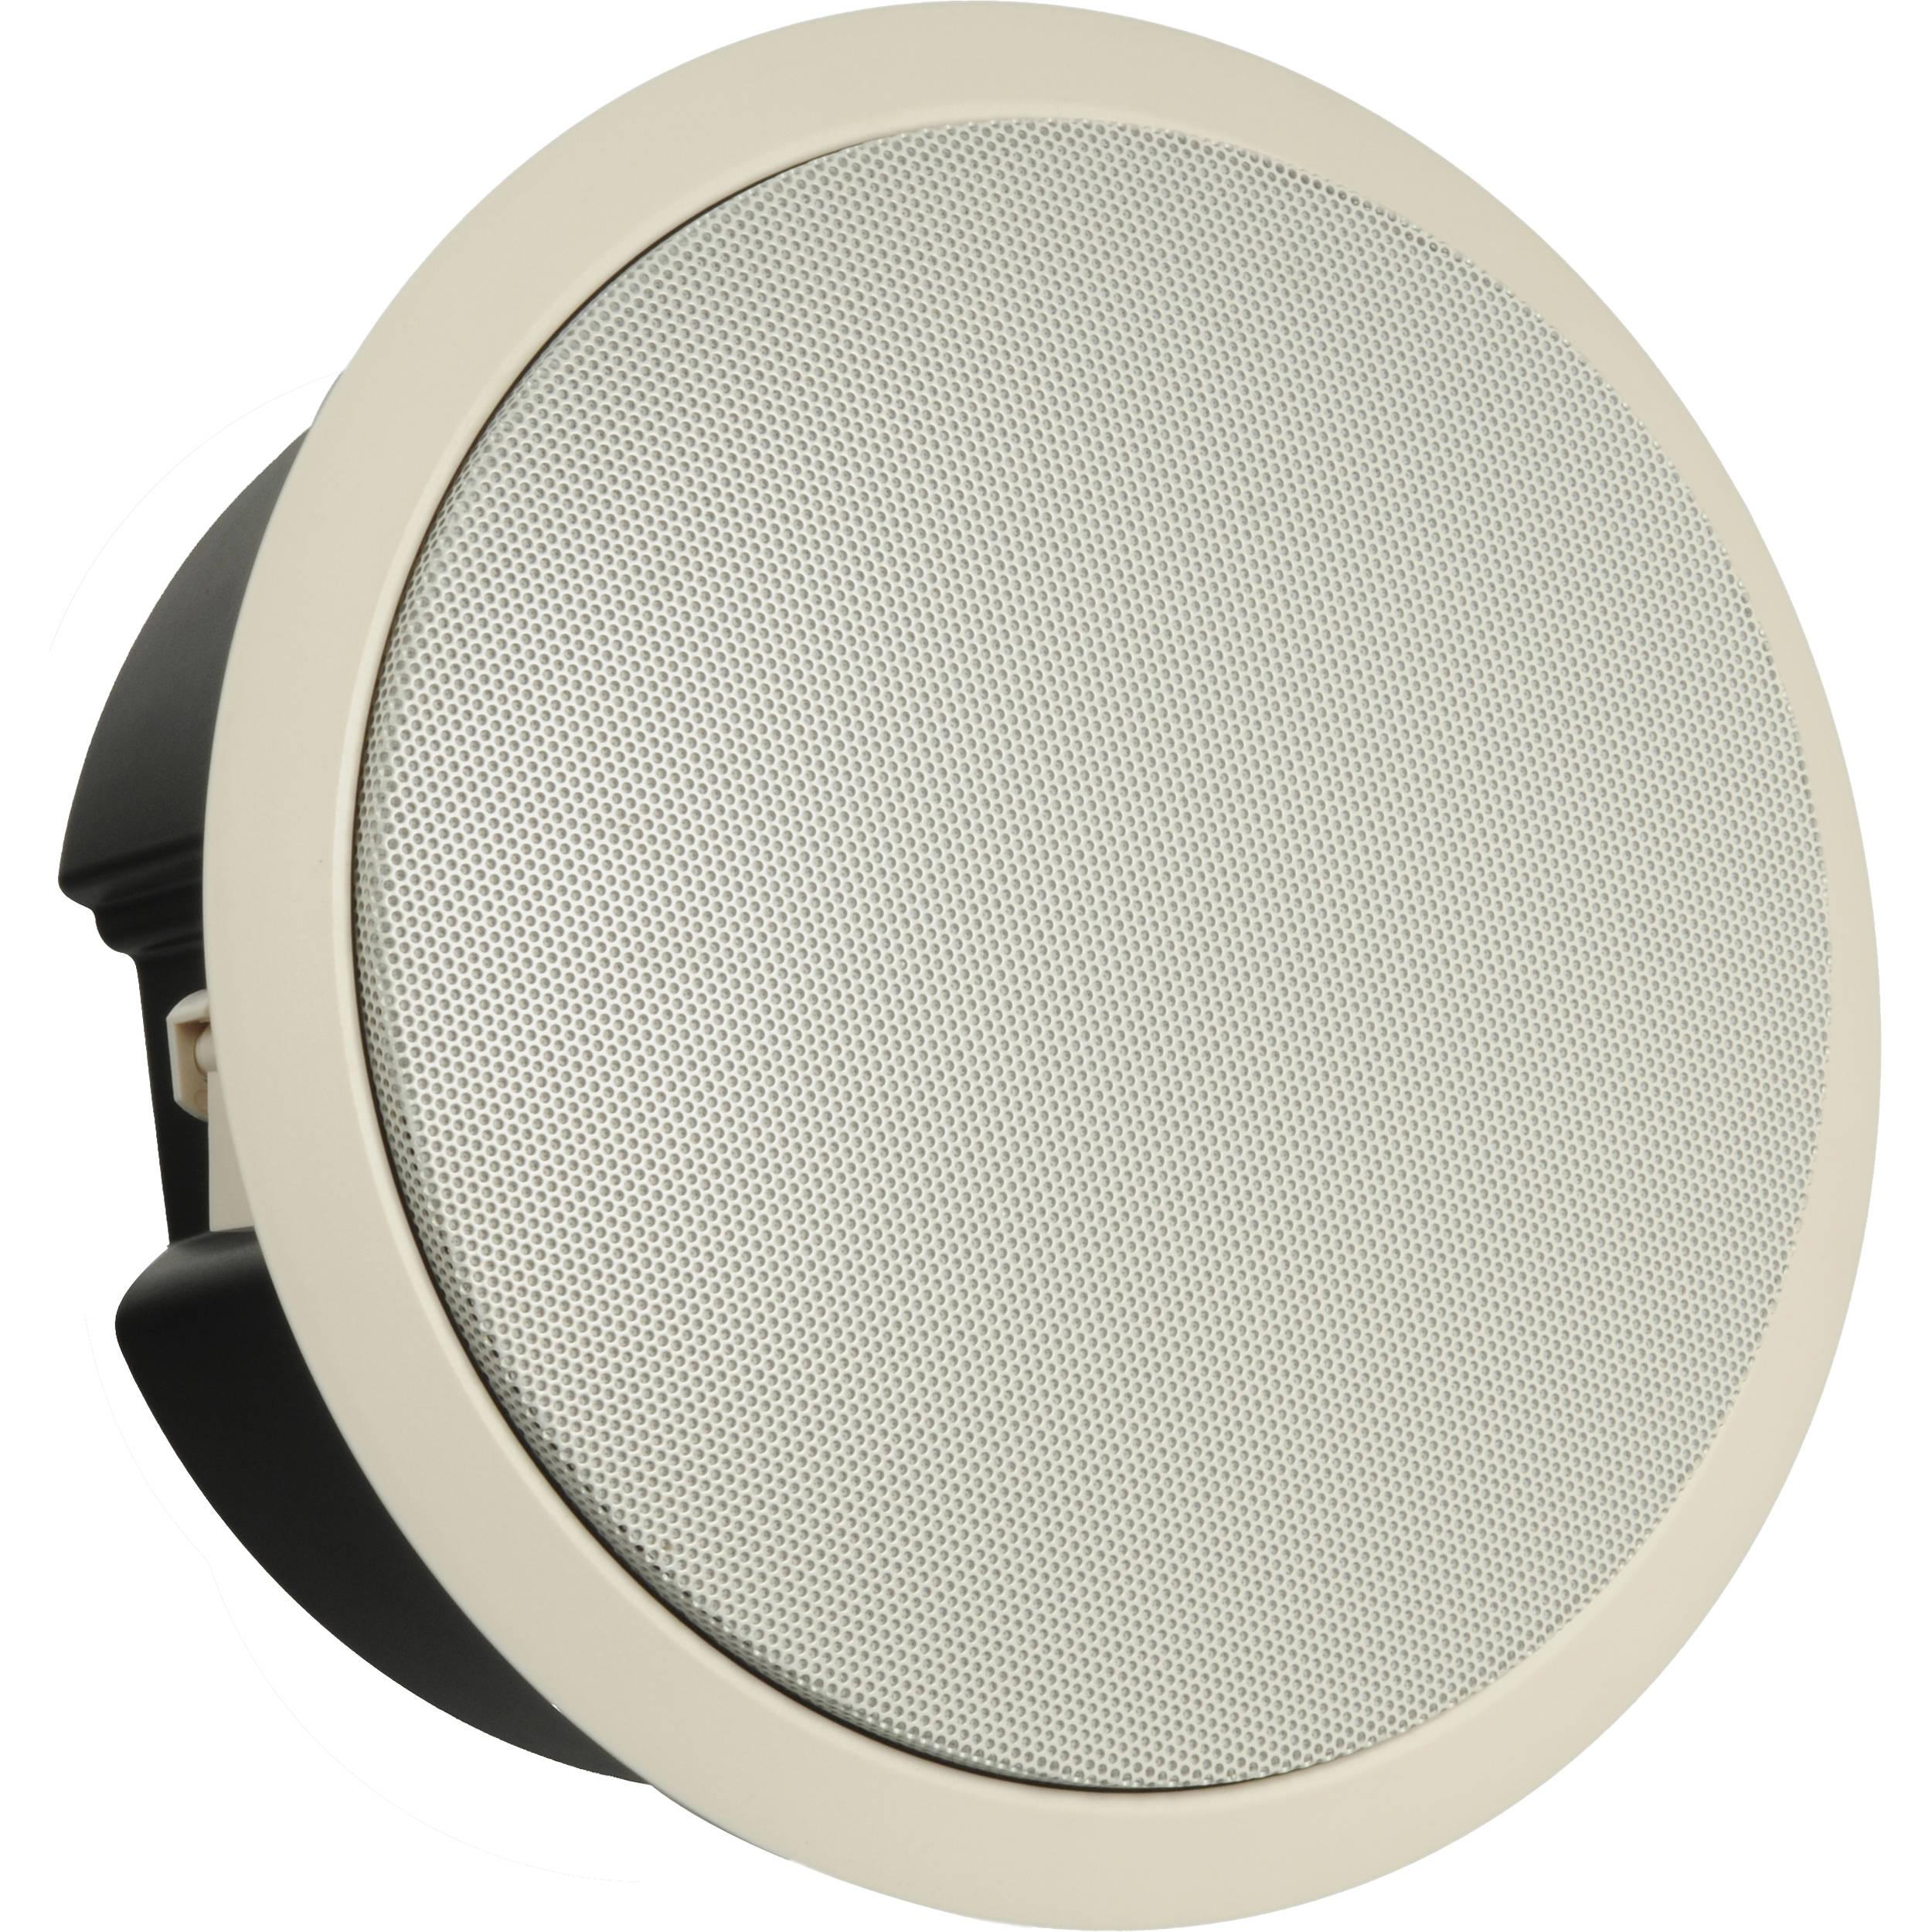 bass speakers in of ceiling head bluetooth jbl pyle top